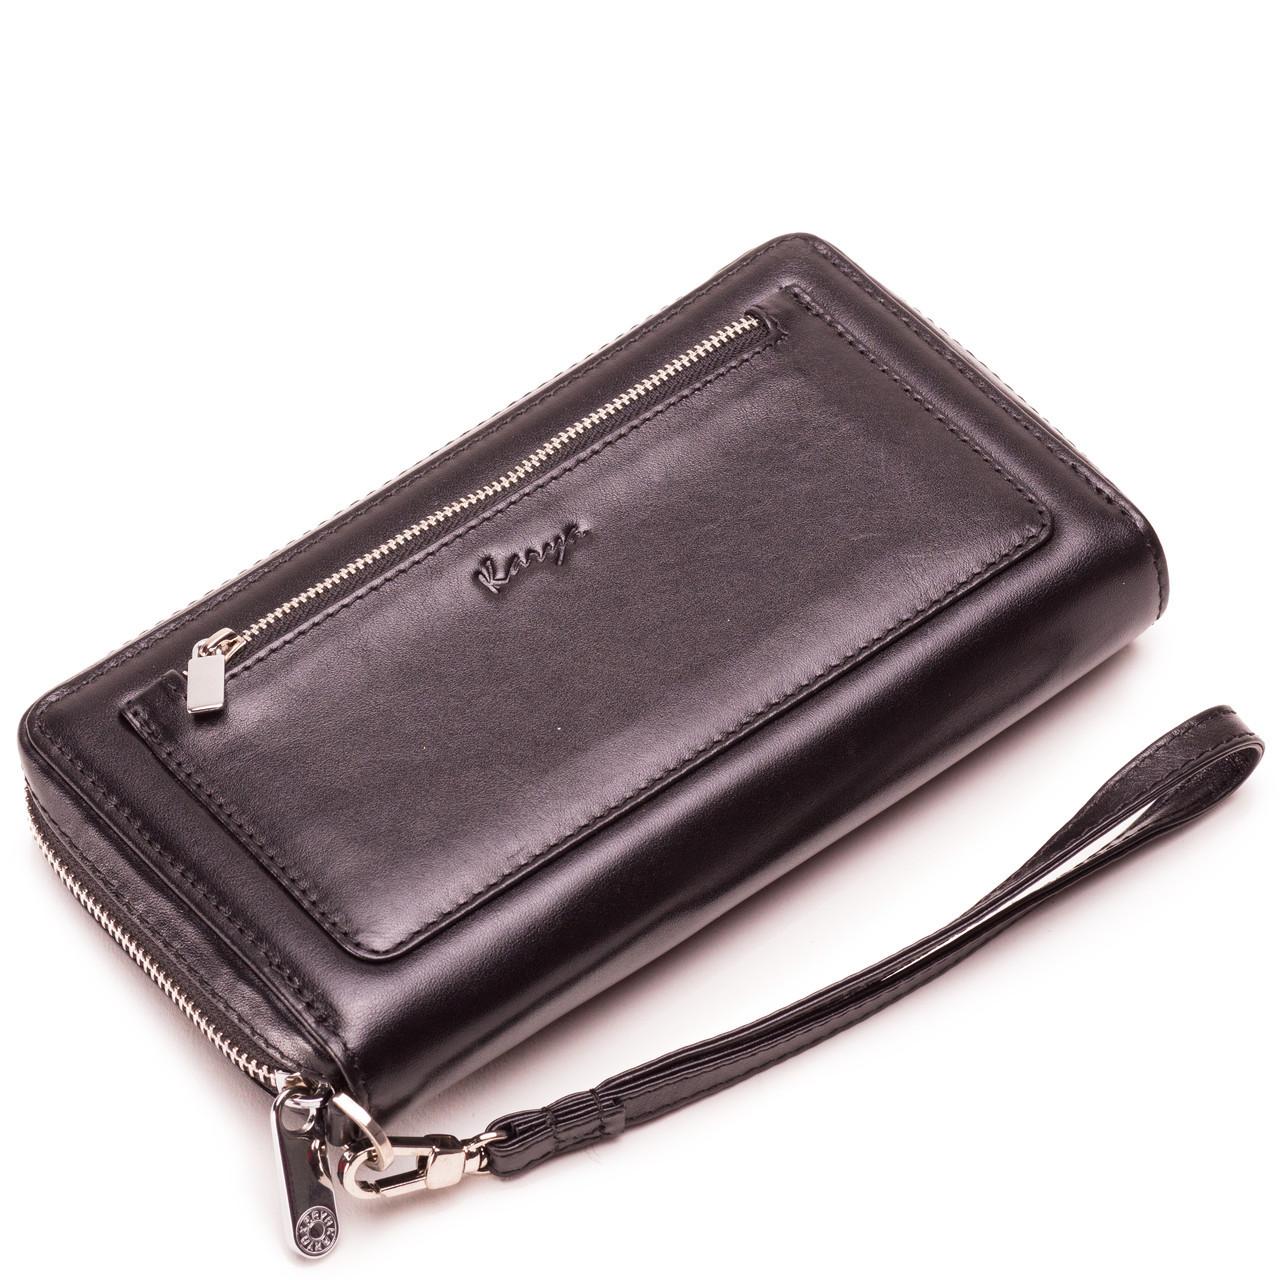 83babbd0500c Мужской клатч кожаный чёрный Karya 0713-45 : продажа, цена в ...